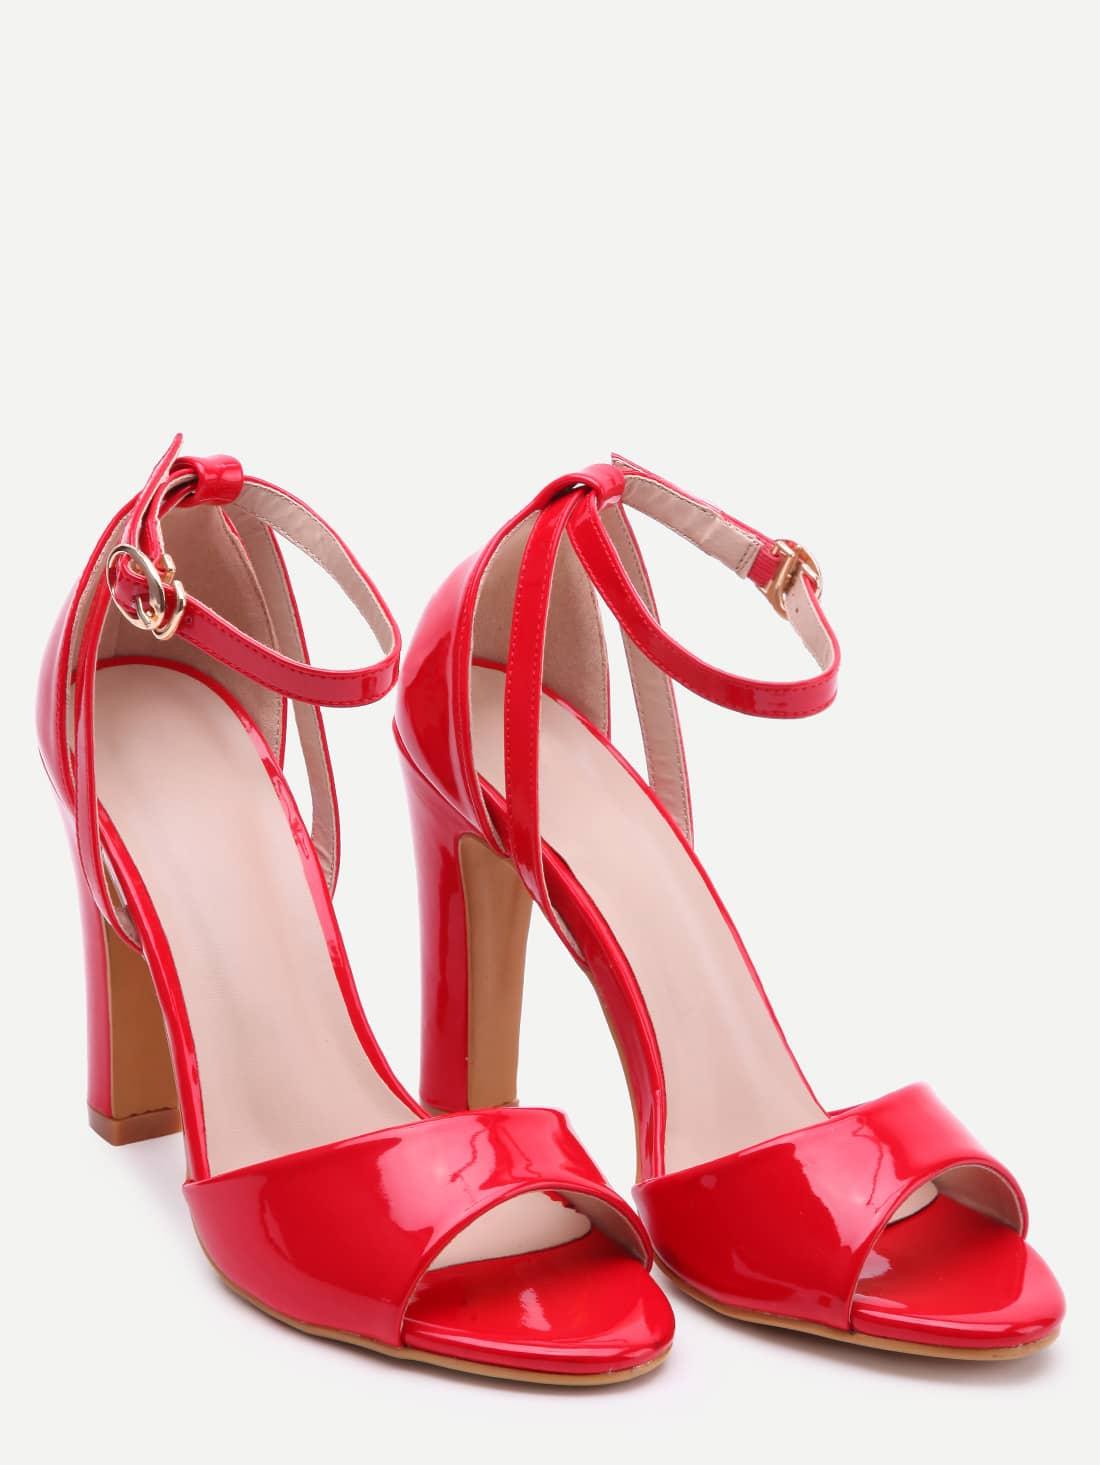 More Details Saint Laurent Tribute Ombre Platform Sandals Details Saint Laurent ombré sandal in calfskin leather.